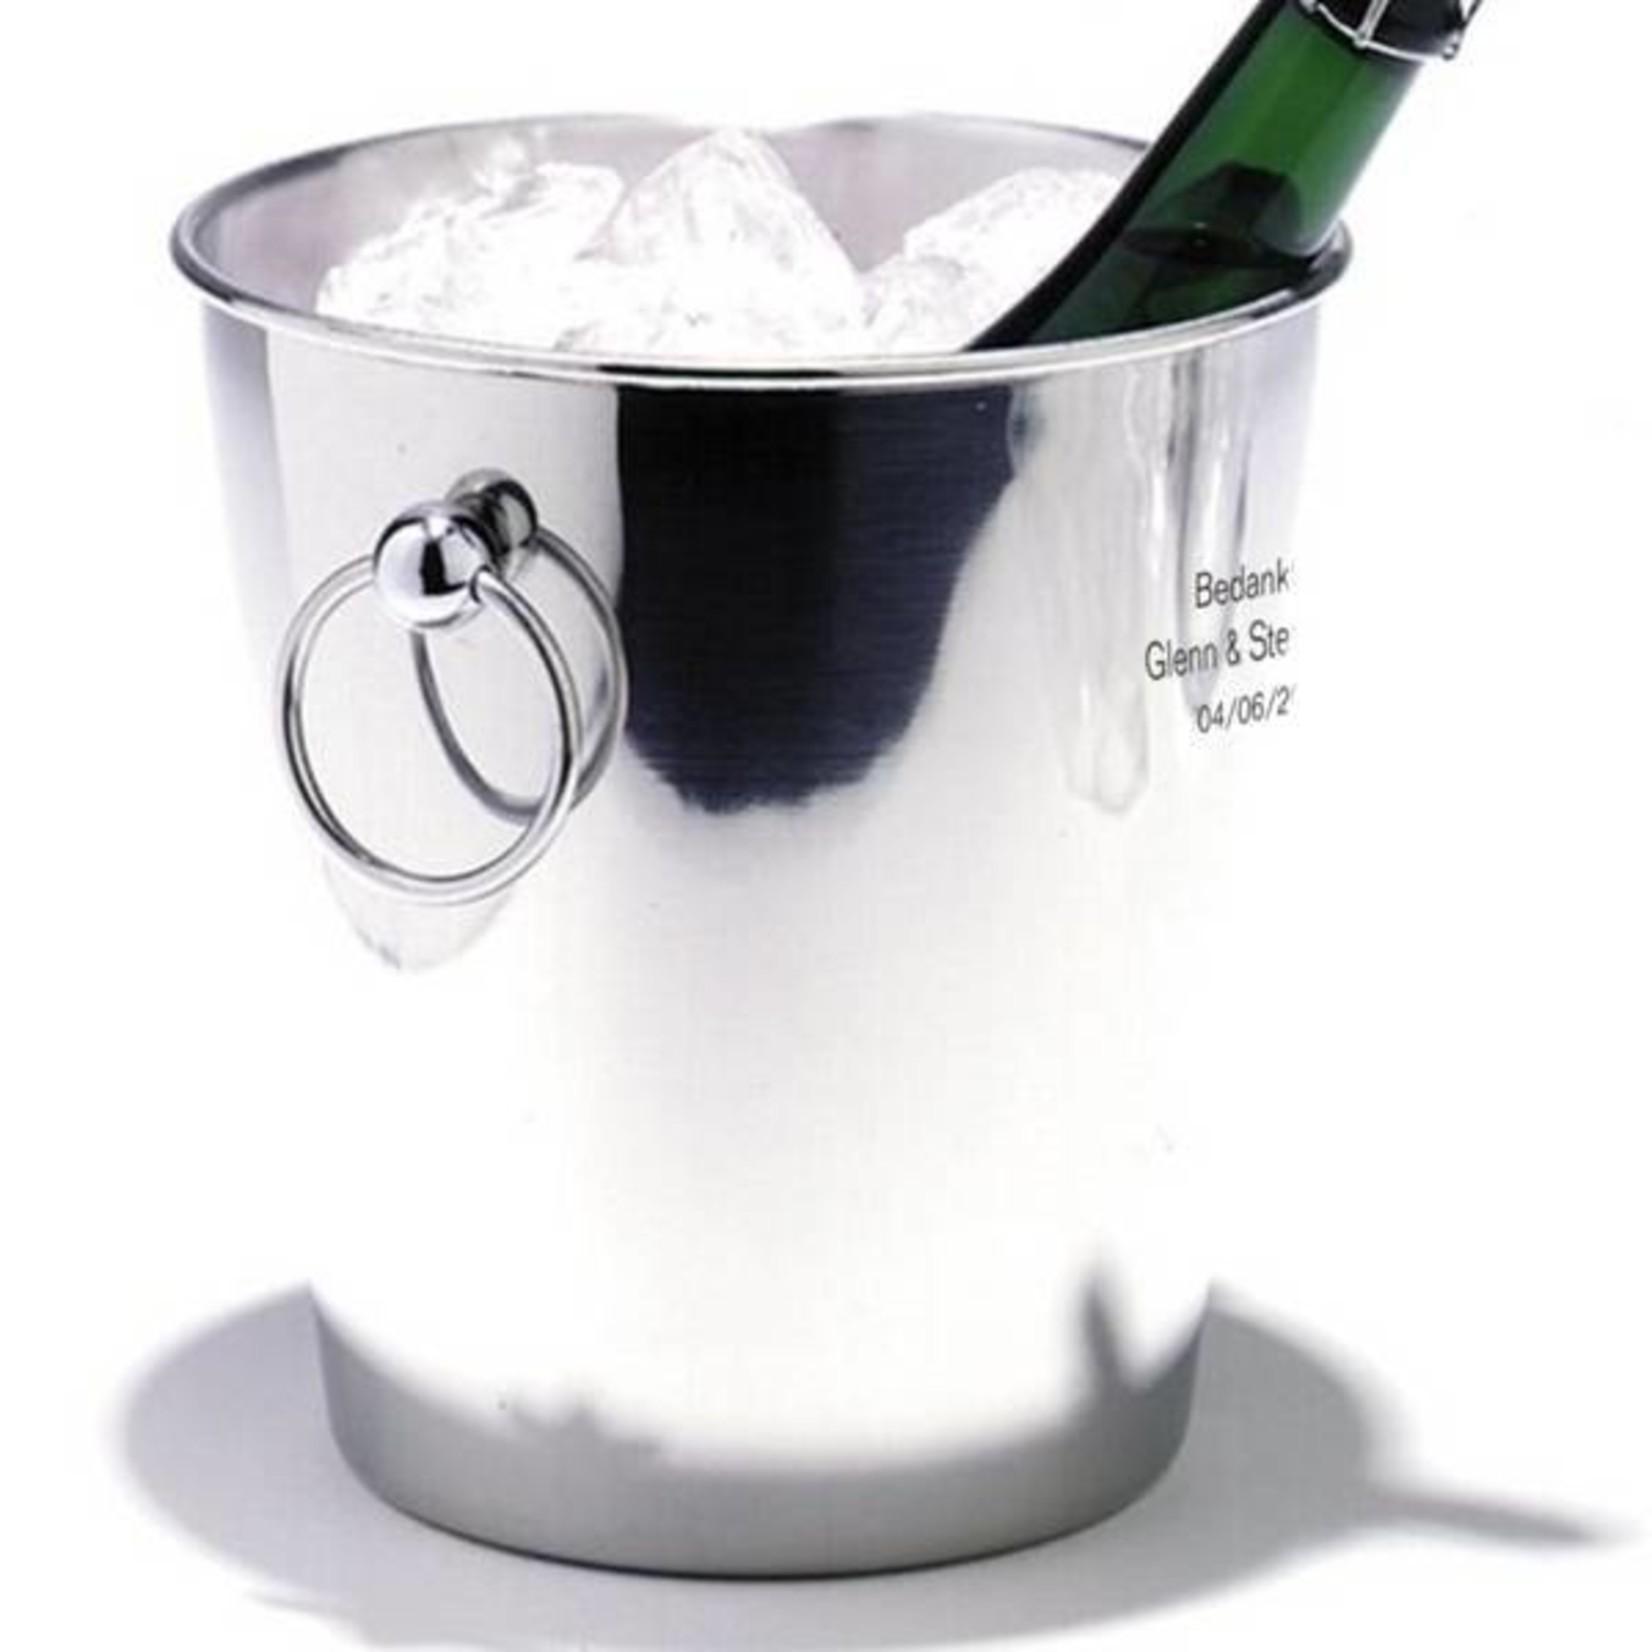 Seau à champagne deluxe